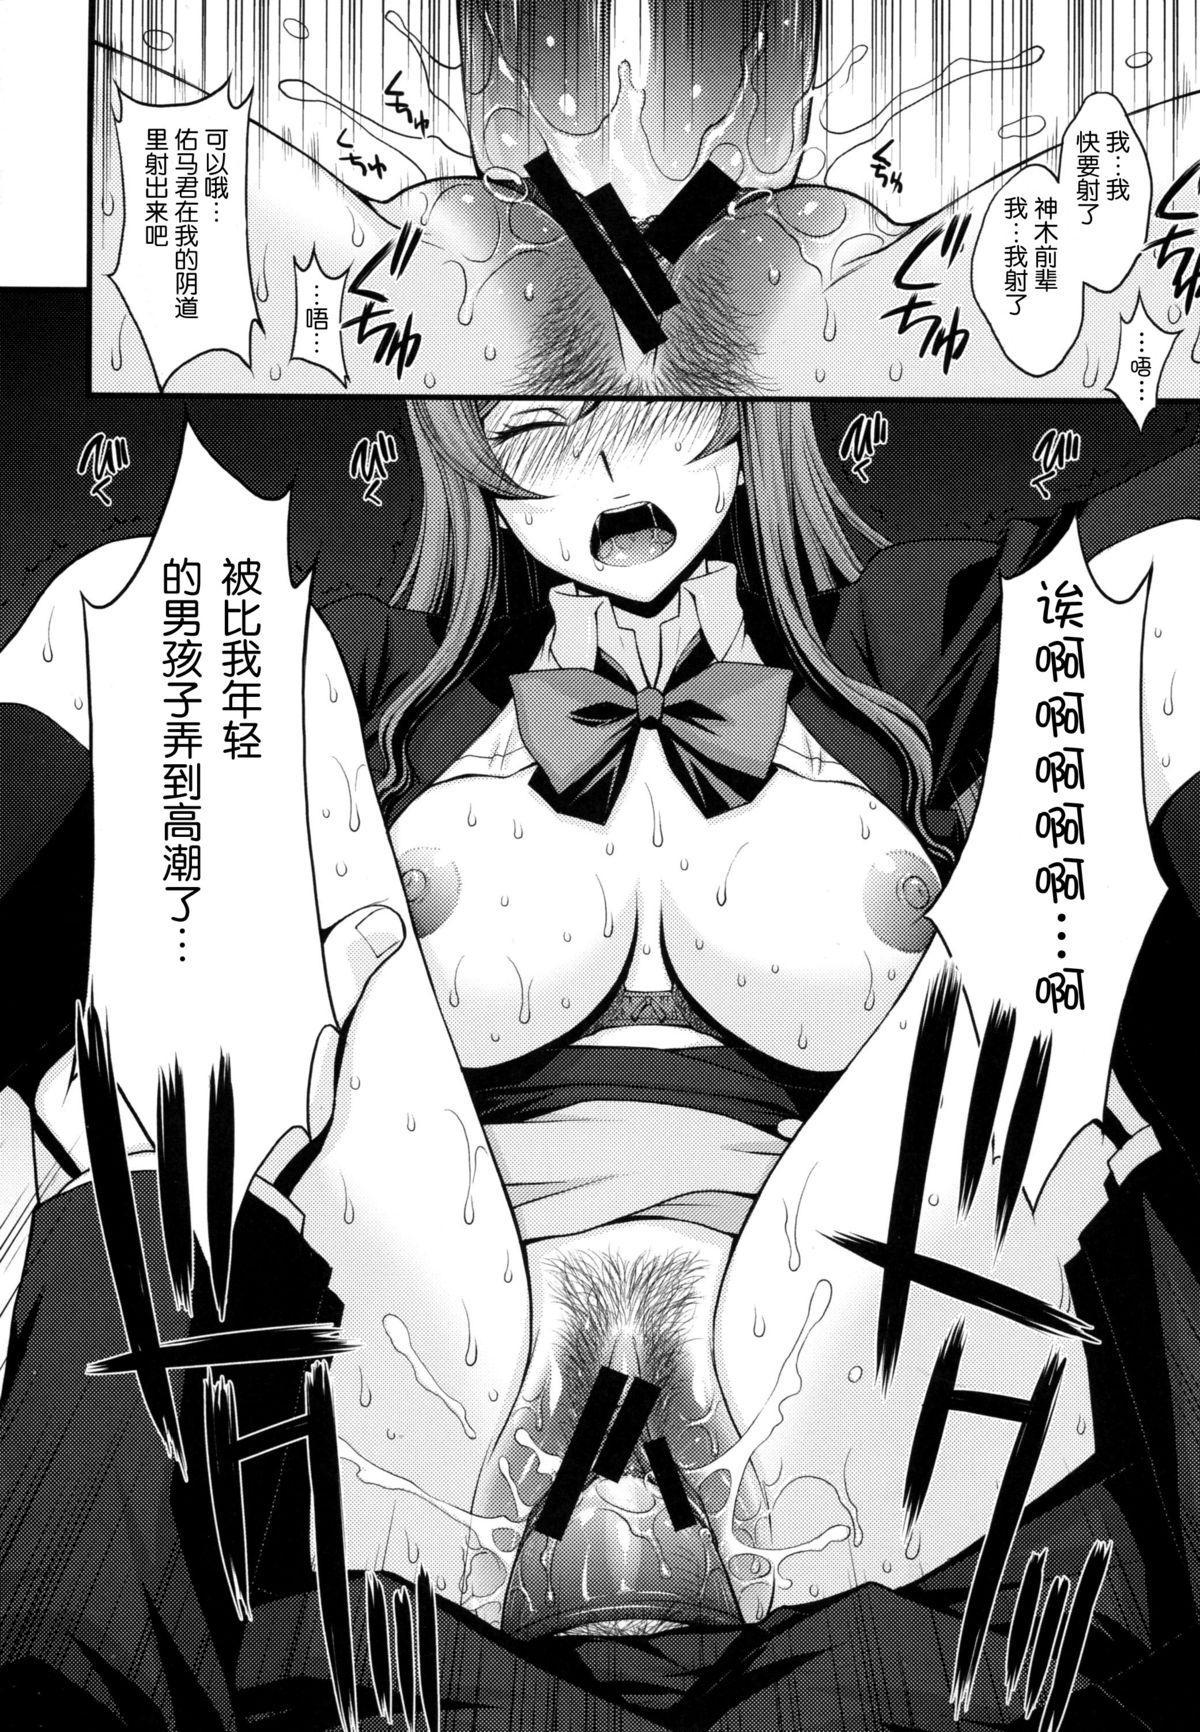 Kousaka-kun Shinpai shinaide Watashi mou 【Maku】 nokotte nai kara 22